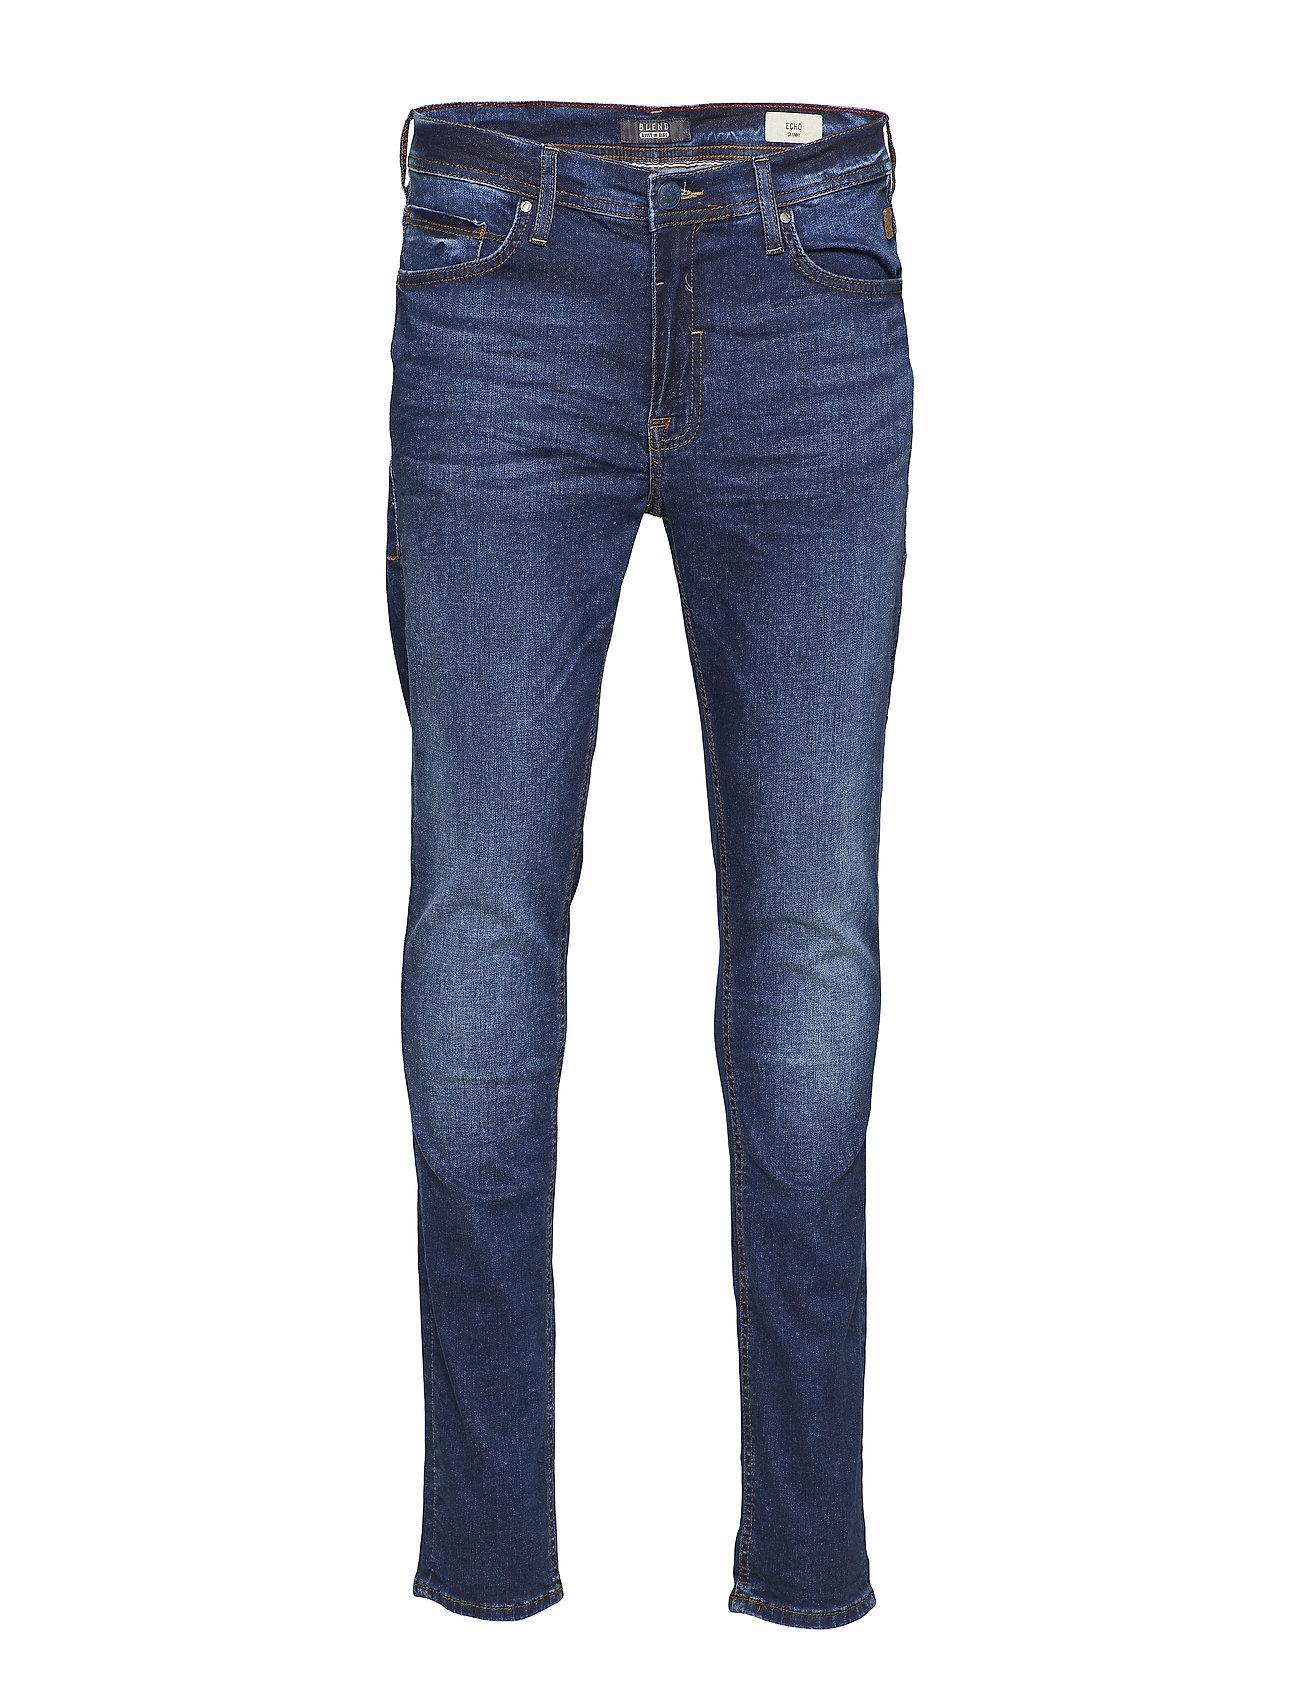 Blend Jeans - NOOS - DENIM MIDDLE BLUE